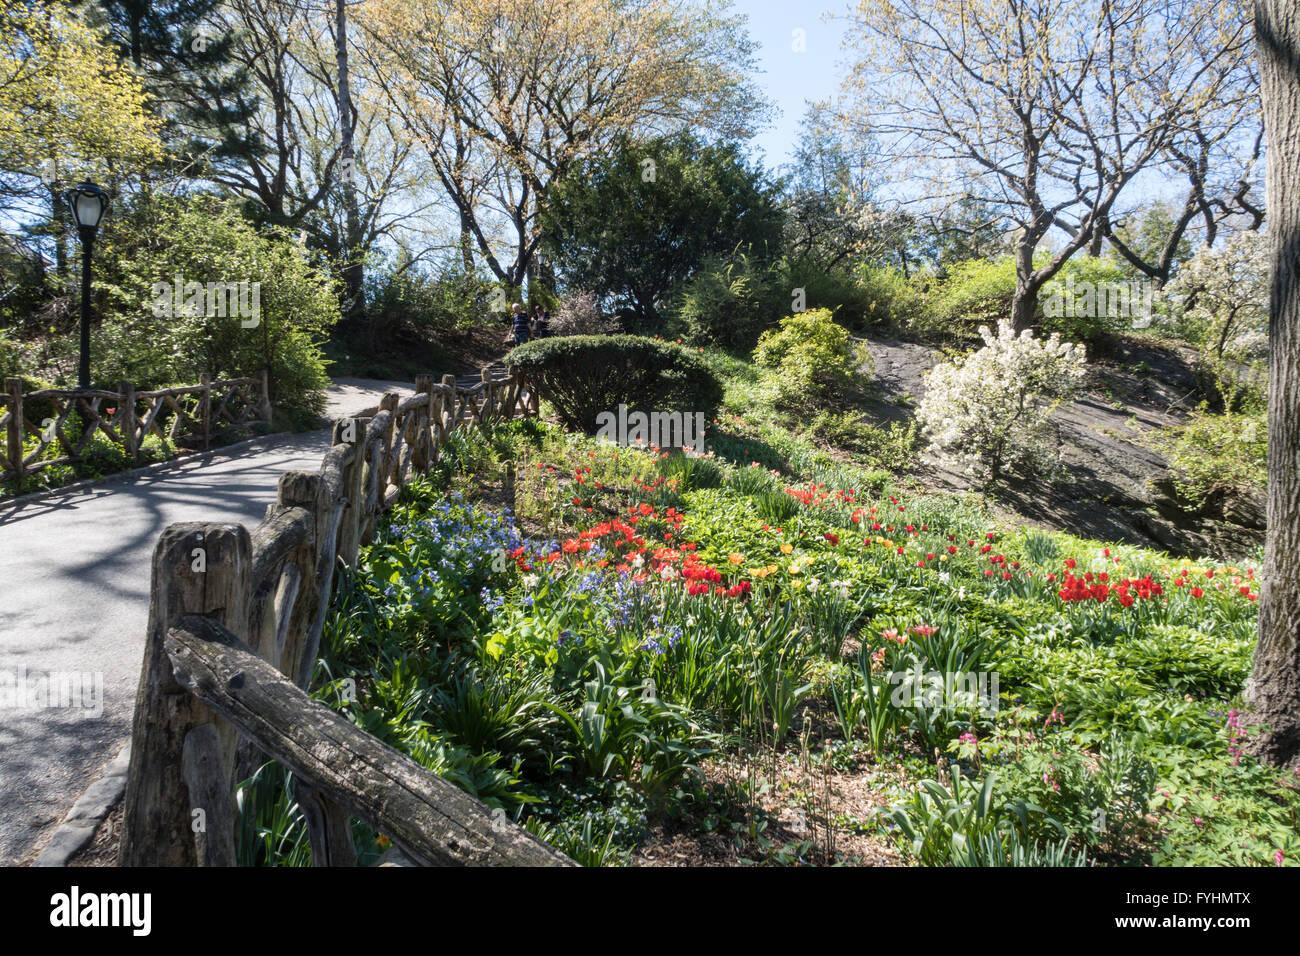 shakespeare garden central park nyc - Shakespeare Garden Central Park